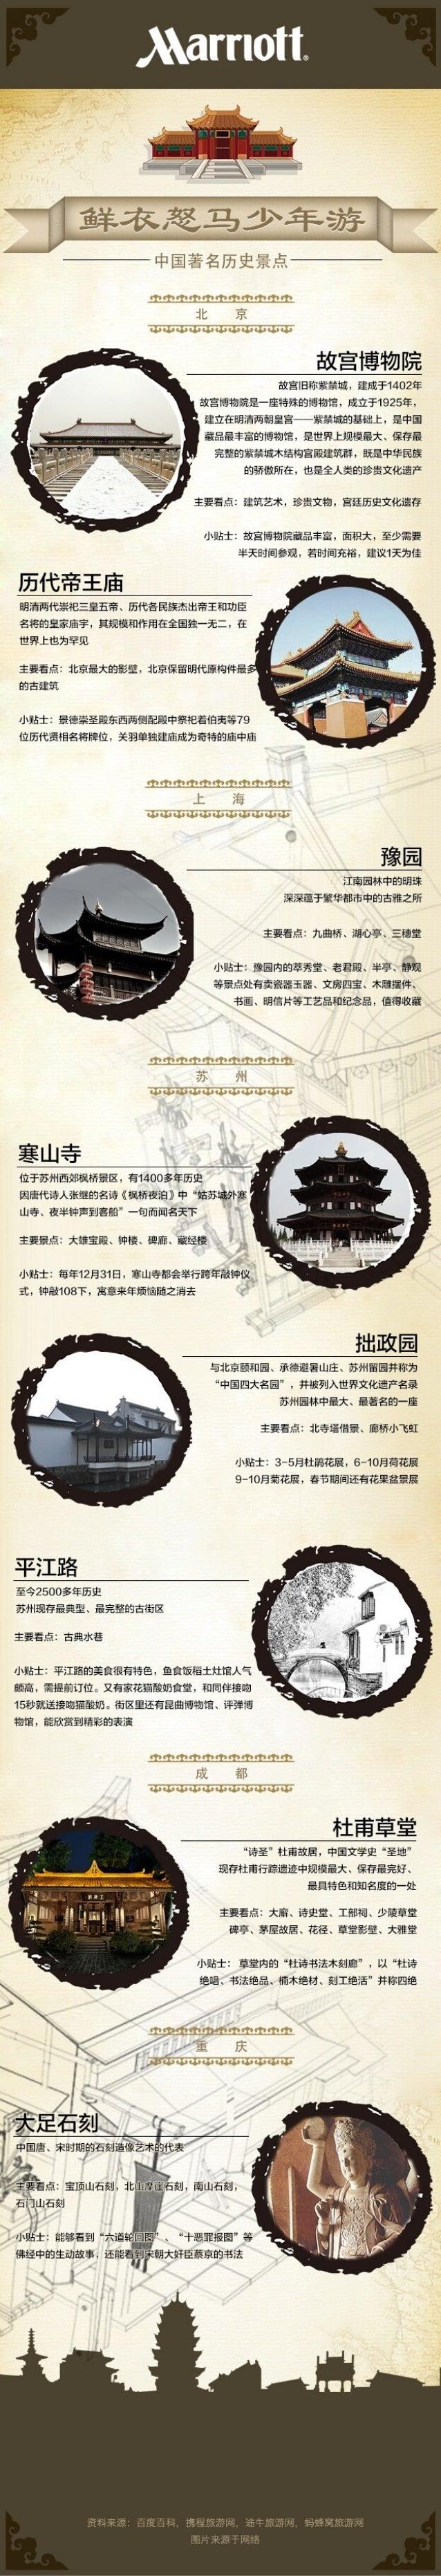 历史名胜:中国著名旅游景点介绍